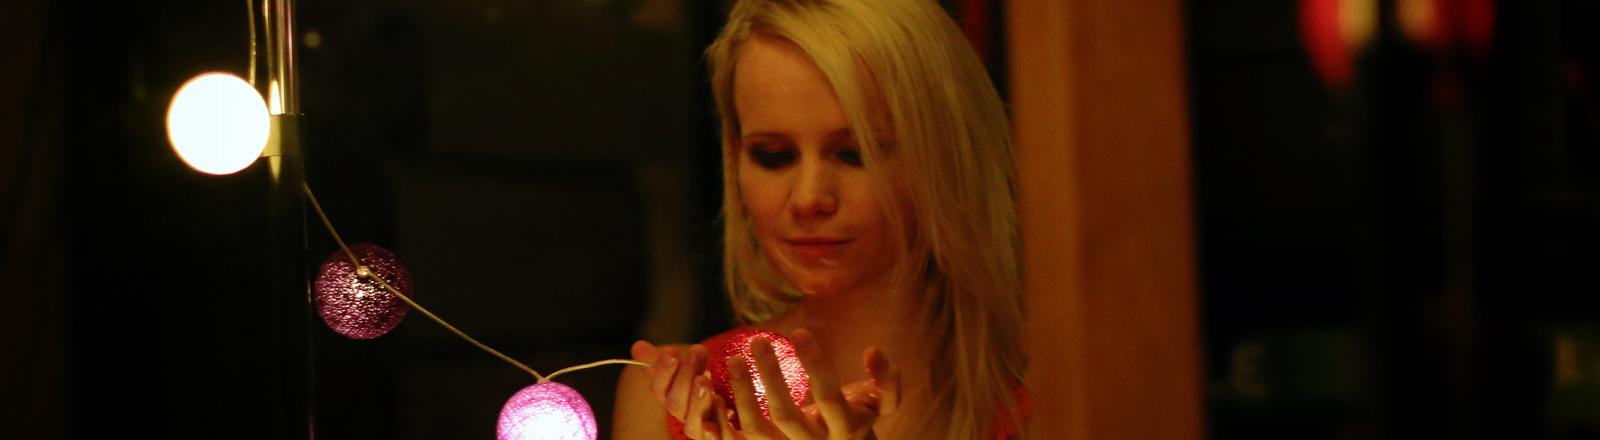 Eine Frau hält einen leuchtenden Lampion in der Hand.